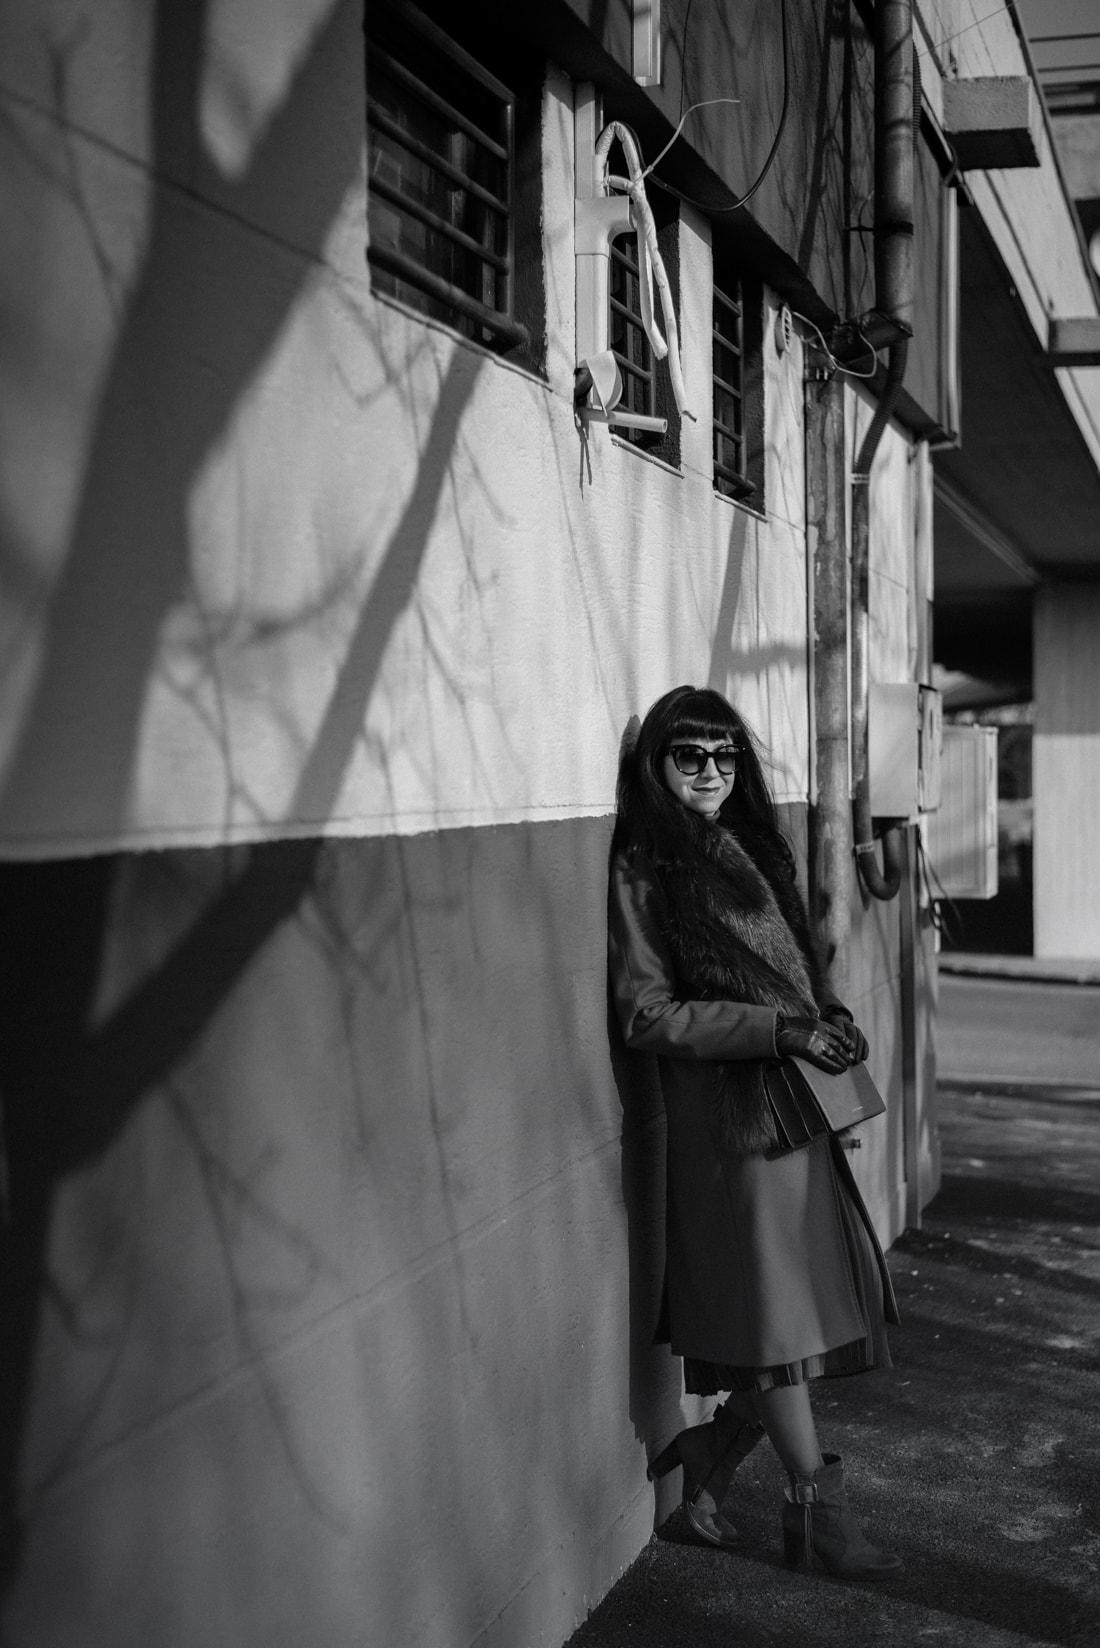 KOŽUŠINA. TAJOMSTVO ÚSPECHU ODHALENÉ._Katharine-fashion is beautiful_blog 3_Červený kabát Zara_Plisovaná sukňa_BUS_Katarína Jakubčová_Fashion blogerka